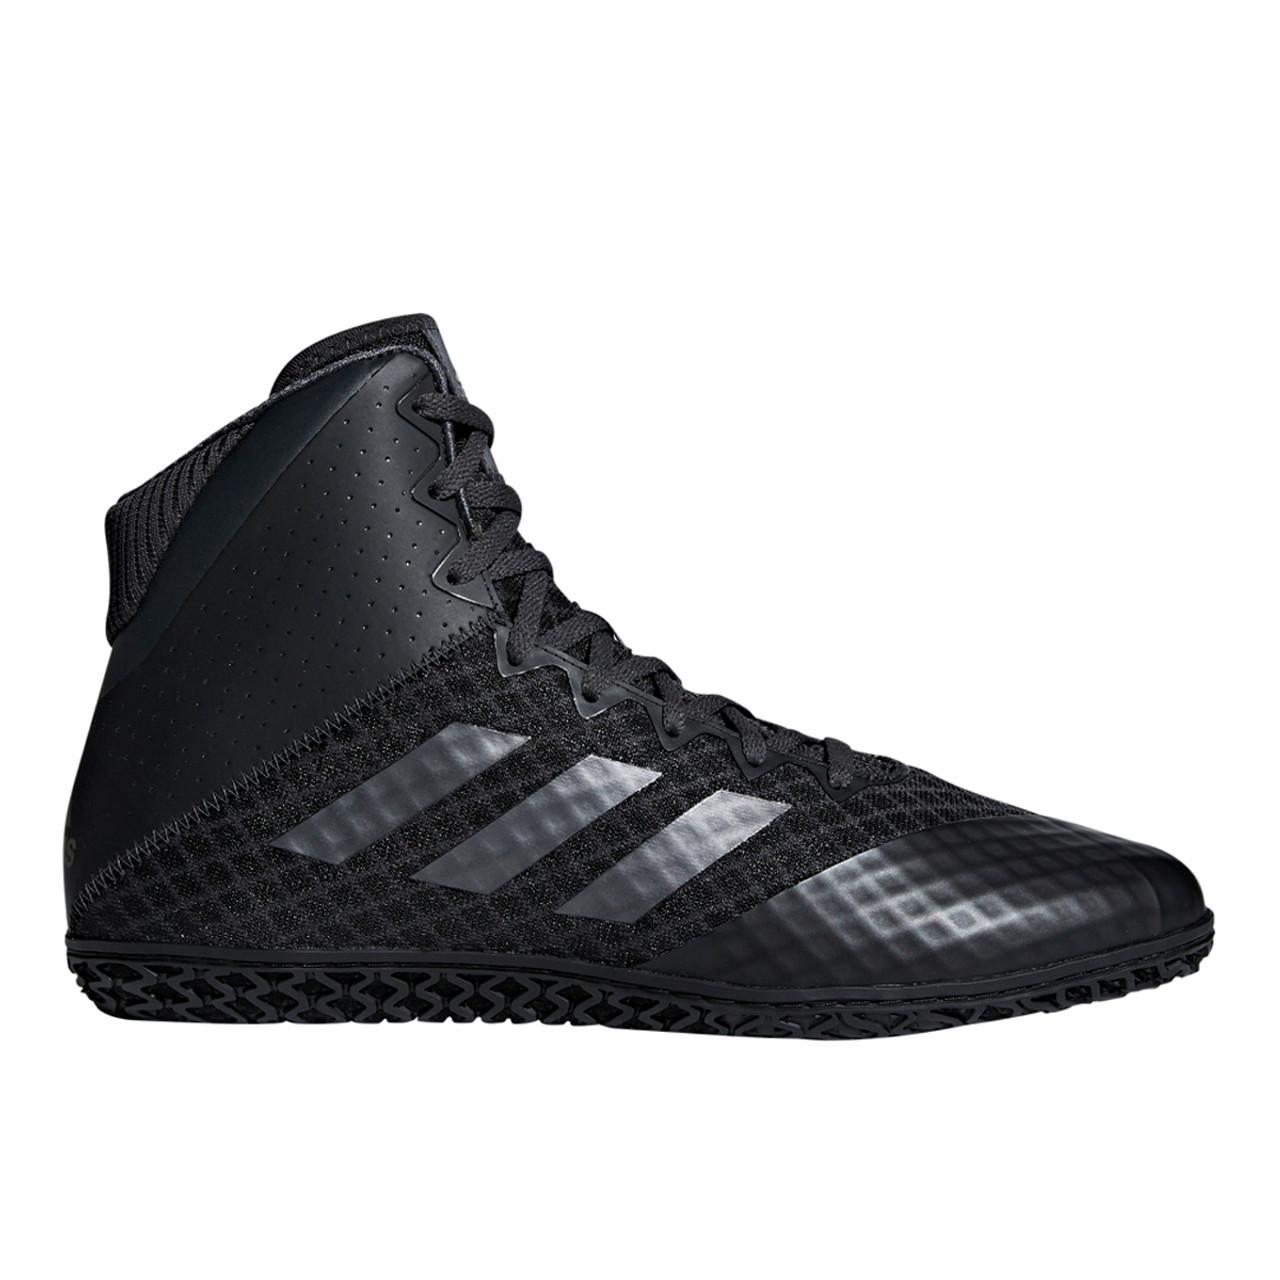 af5f60fe8990c2 Adidas Mat Wizard 4 Men s Wrestling Shoes AC6971 - Carbon